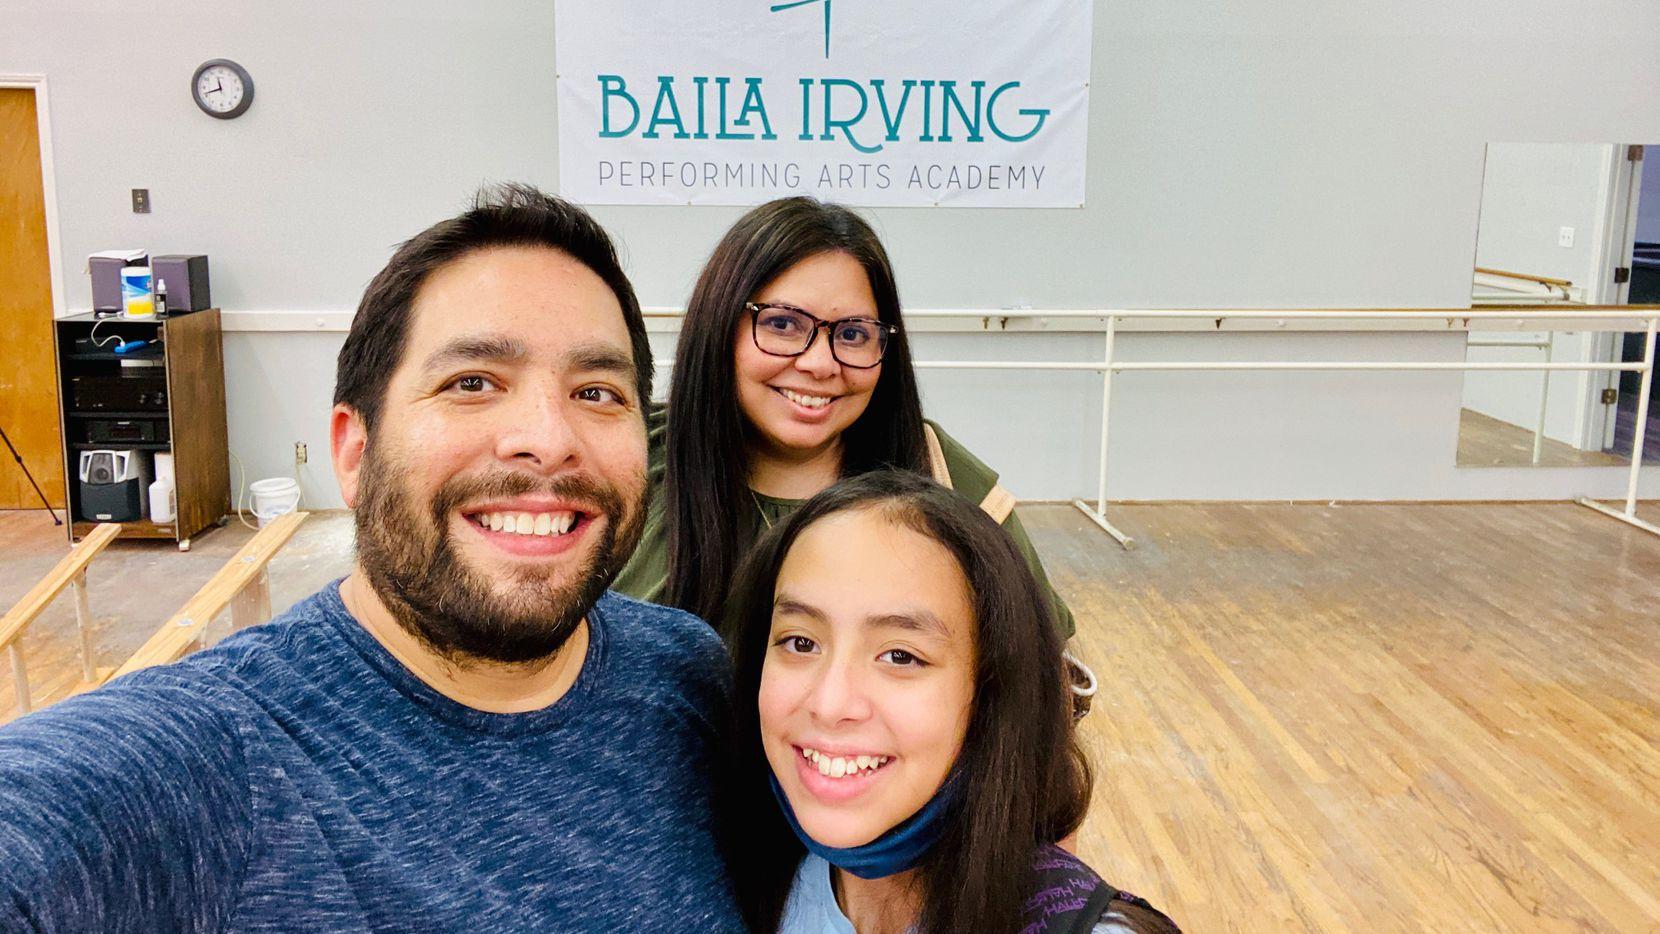 La familia De la Isla compró Forcher's Dance Center y lo reabrió como Baila Irving Performing Arts Academy.